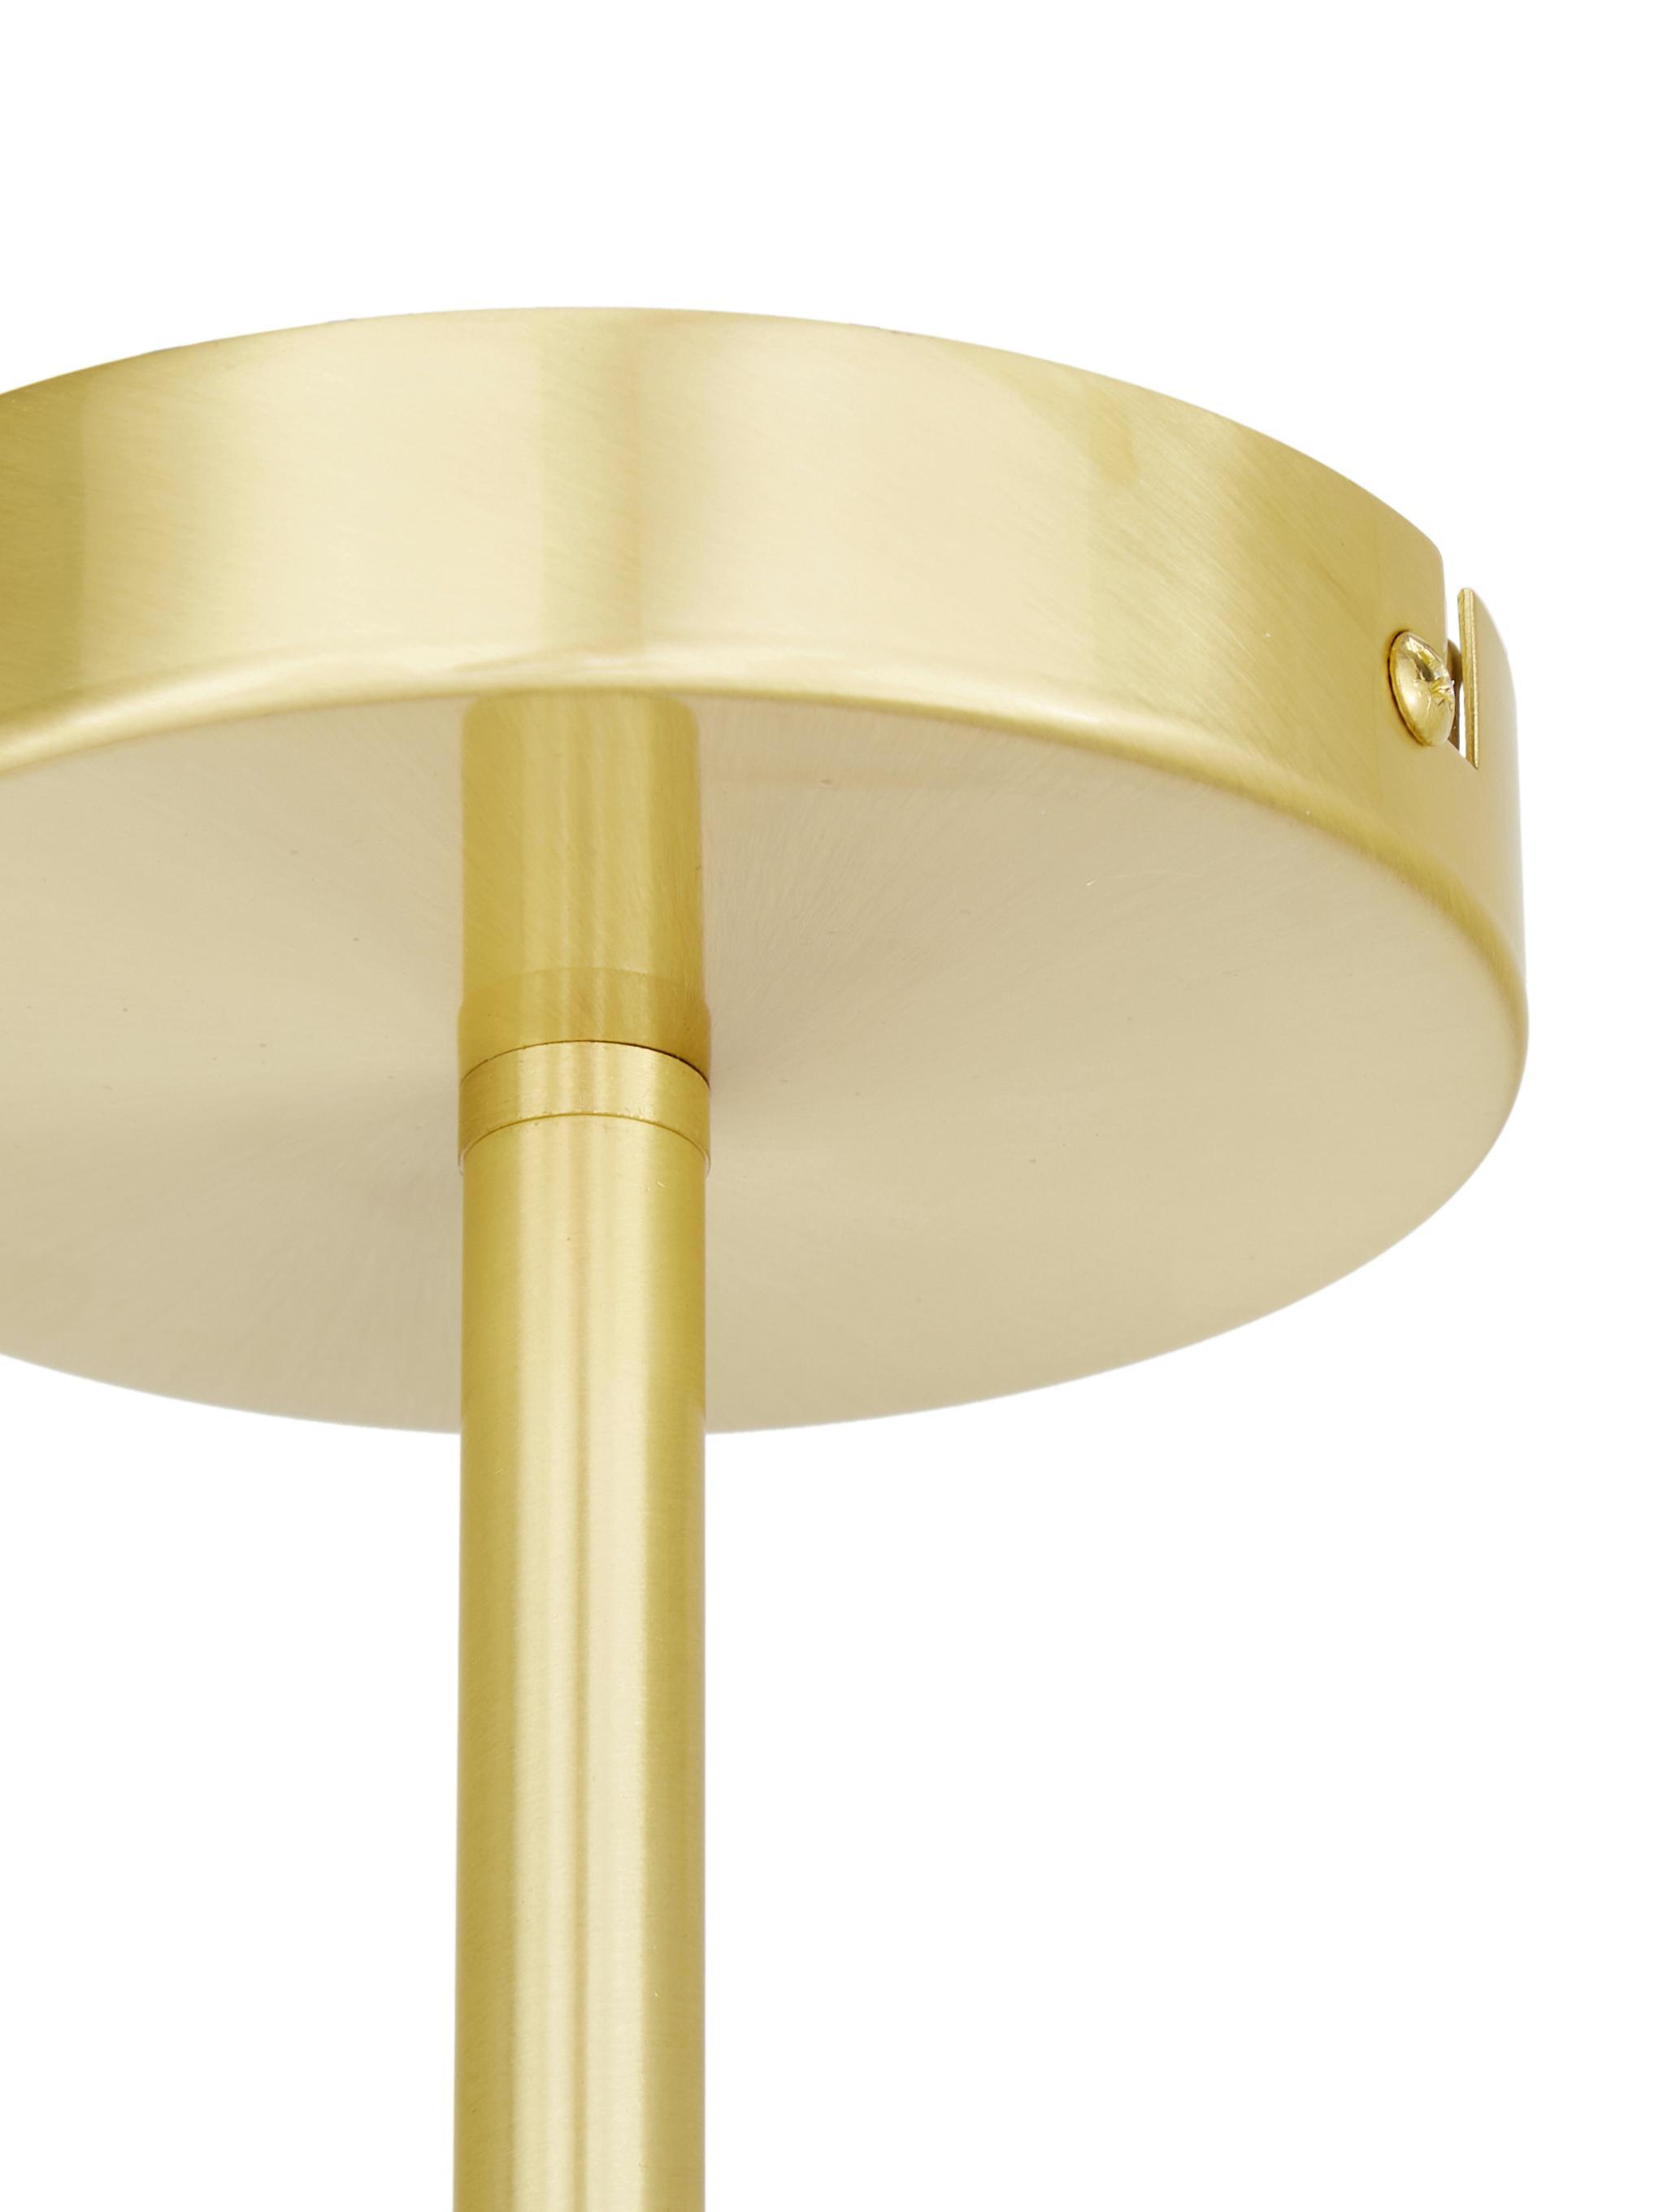 Deckenleuchte Aurelia in Gold, Weiß, Messing, Ø 110 x H 32 cm